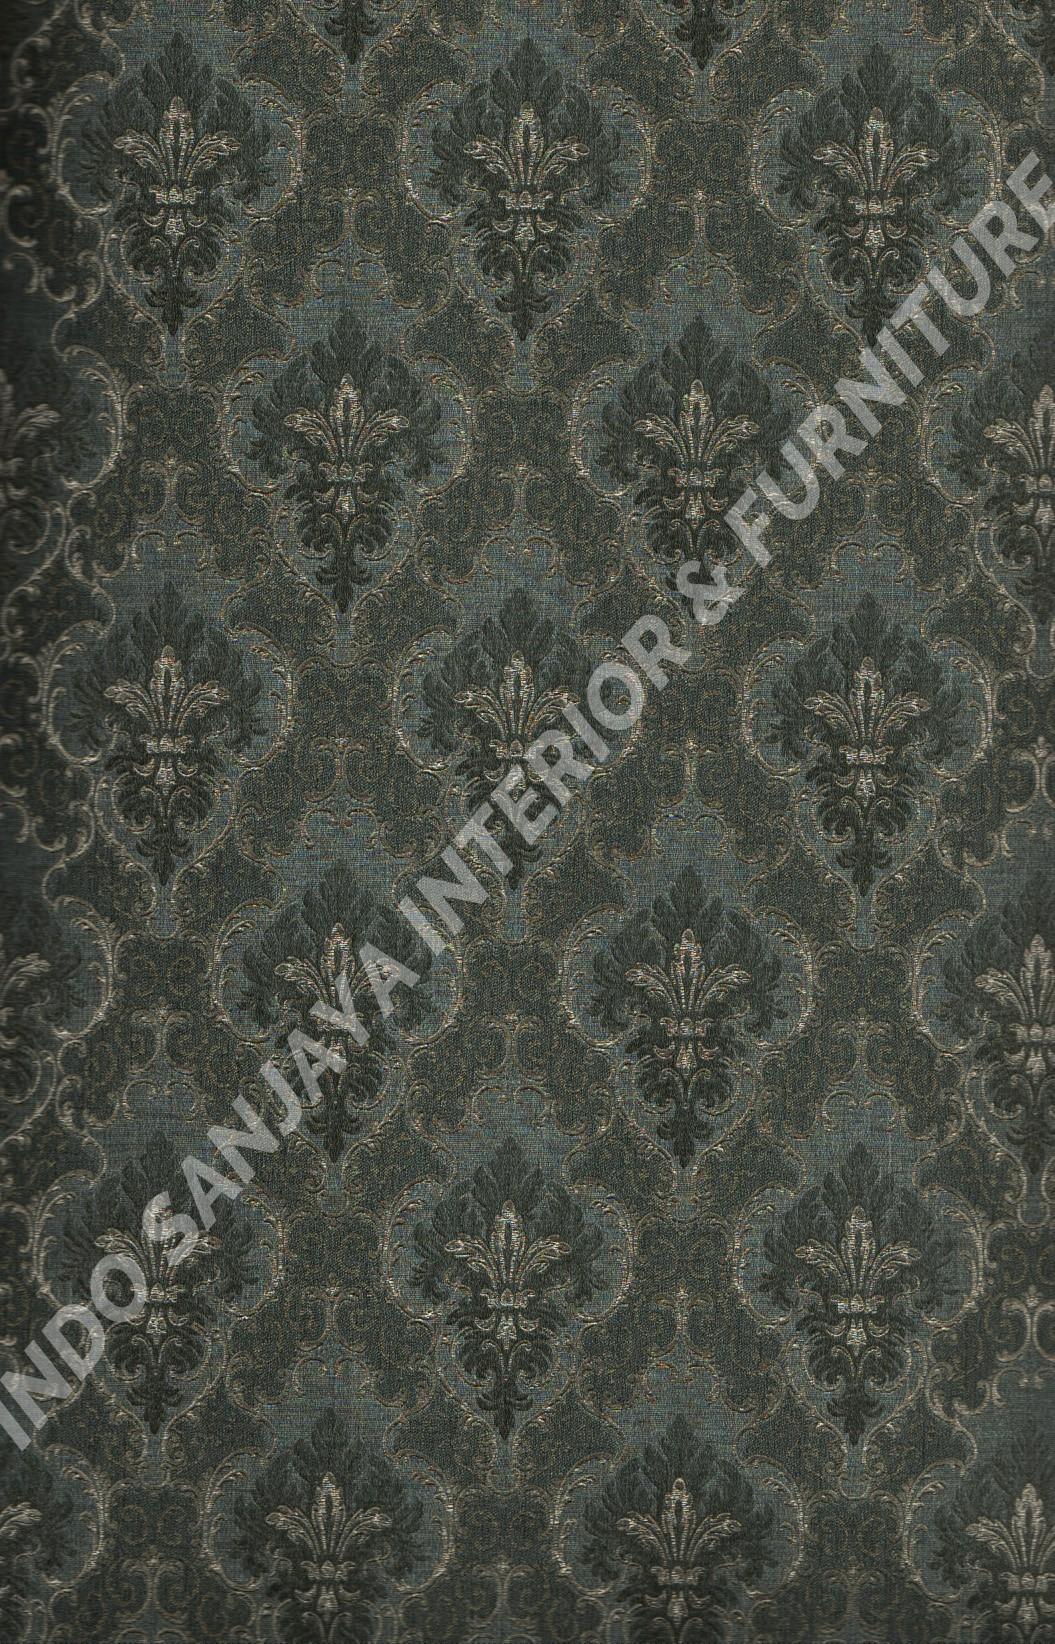 wallpaper   Wallpaper Klasik Batik (Damask) 2573-8:2573-8 corak  warna